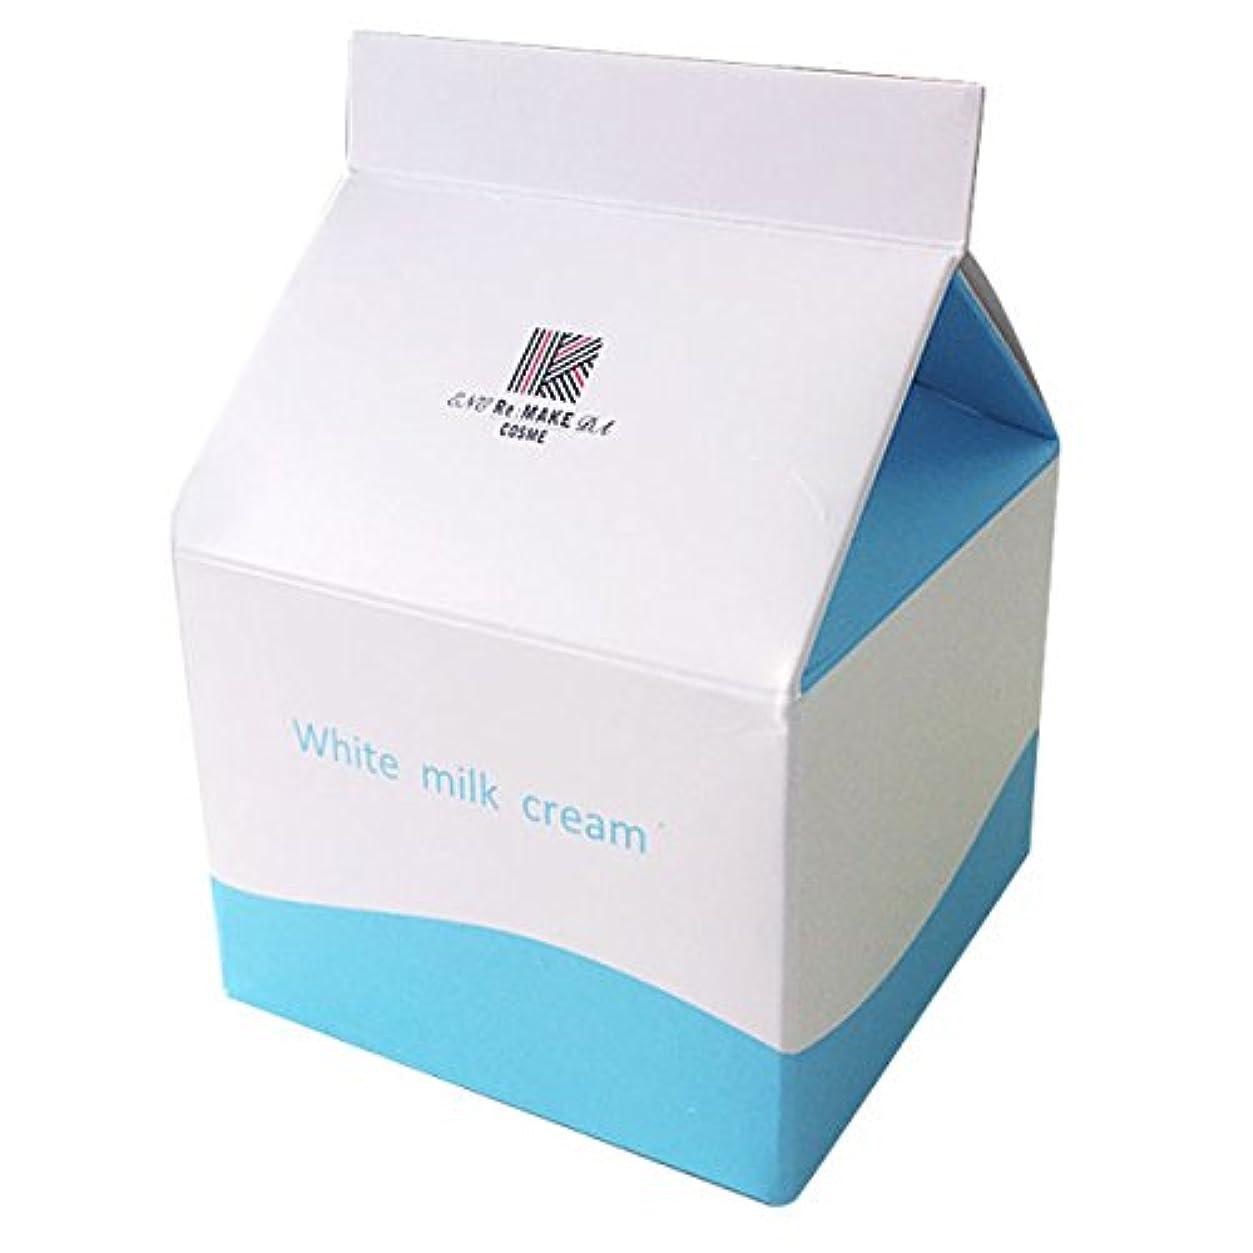 砲兵松論理的にホワイトミルククリーム [50g]日本製